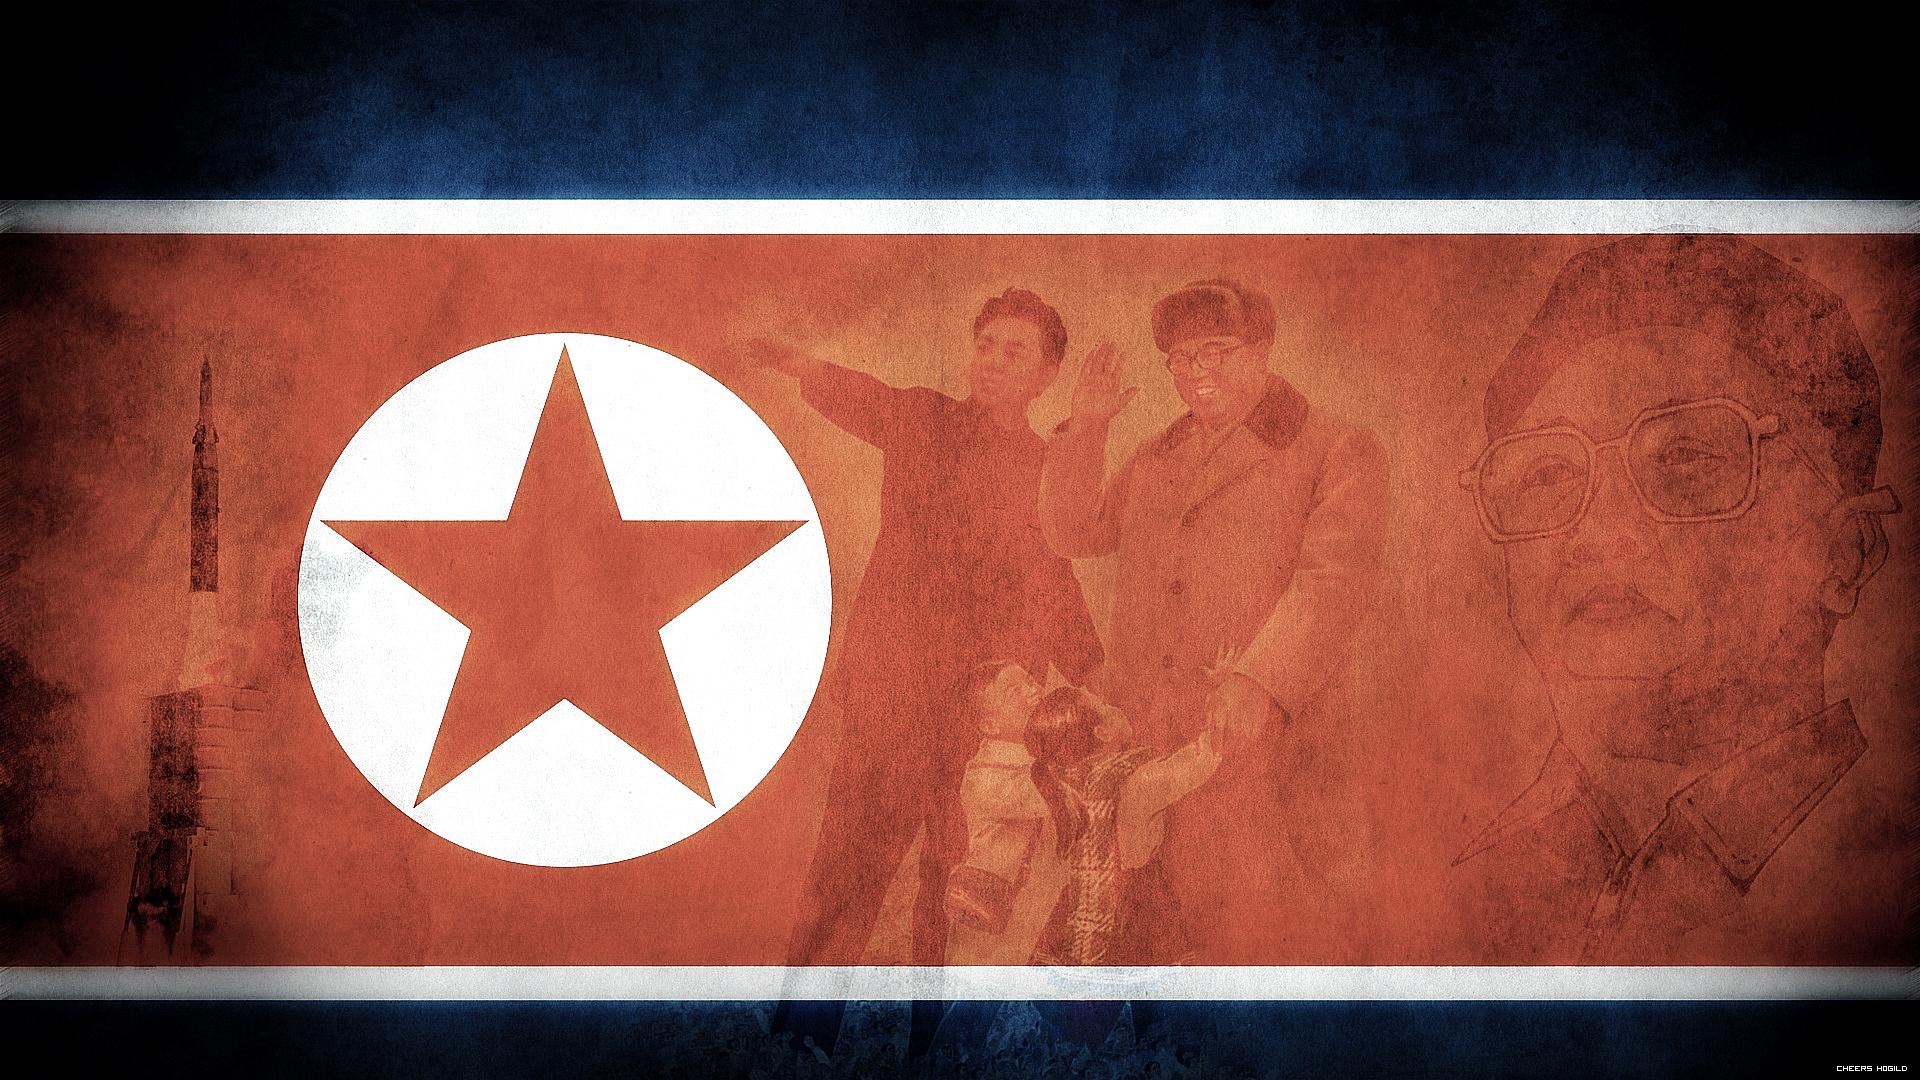 Korean Art Wallpaper  Bing Images